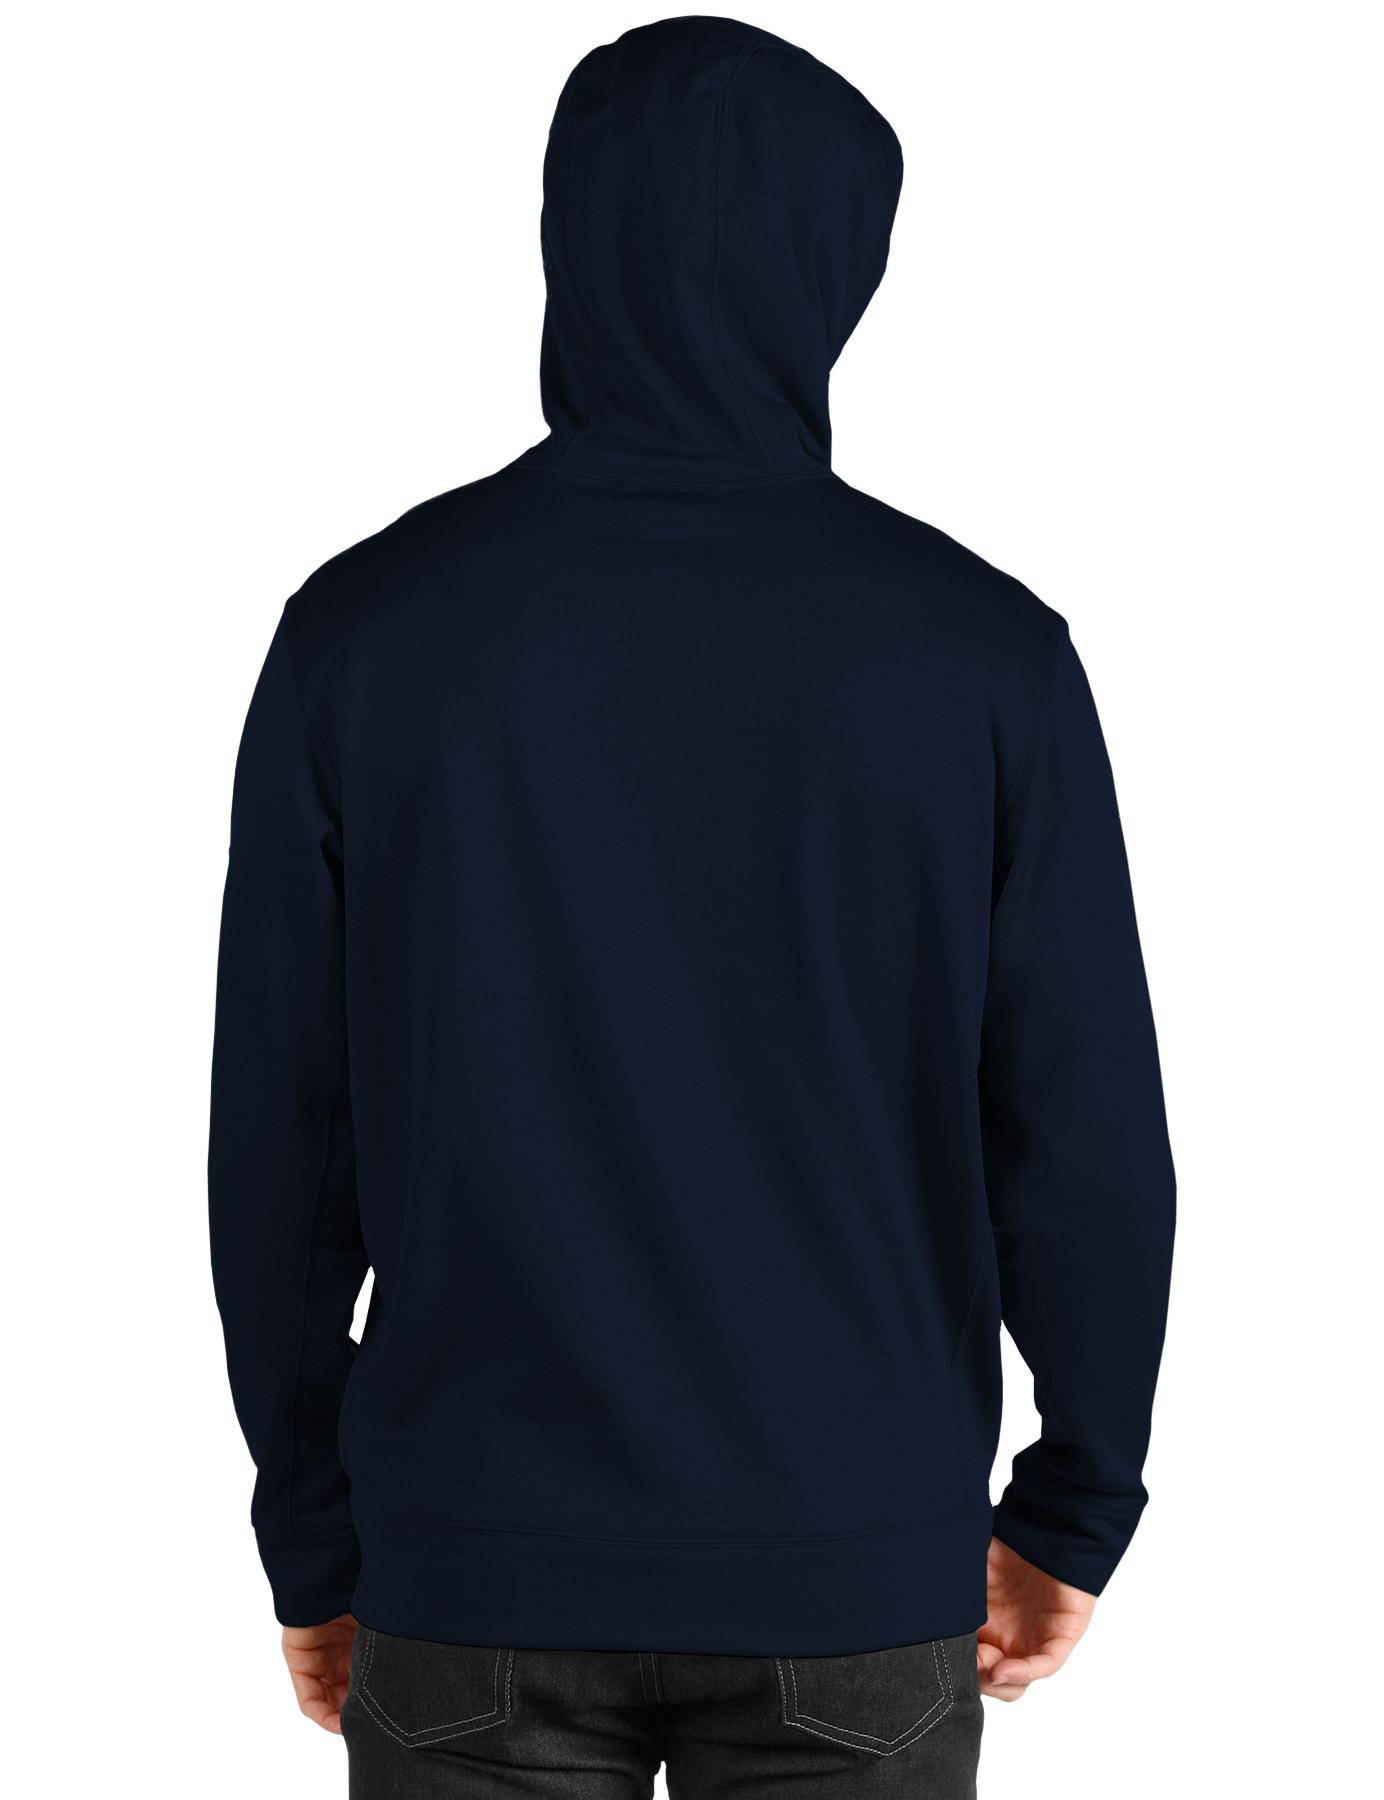 Top gun hoodie